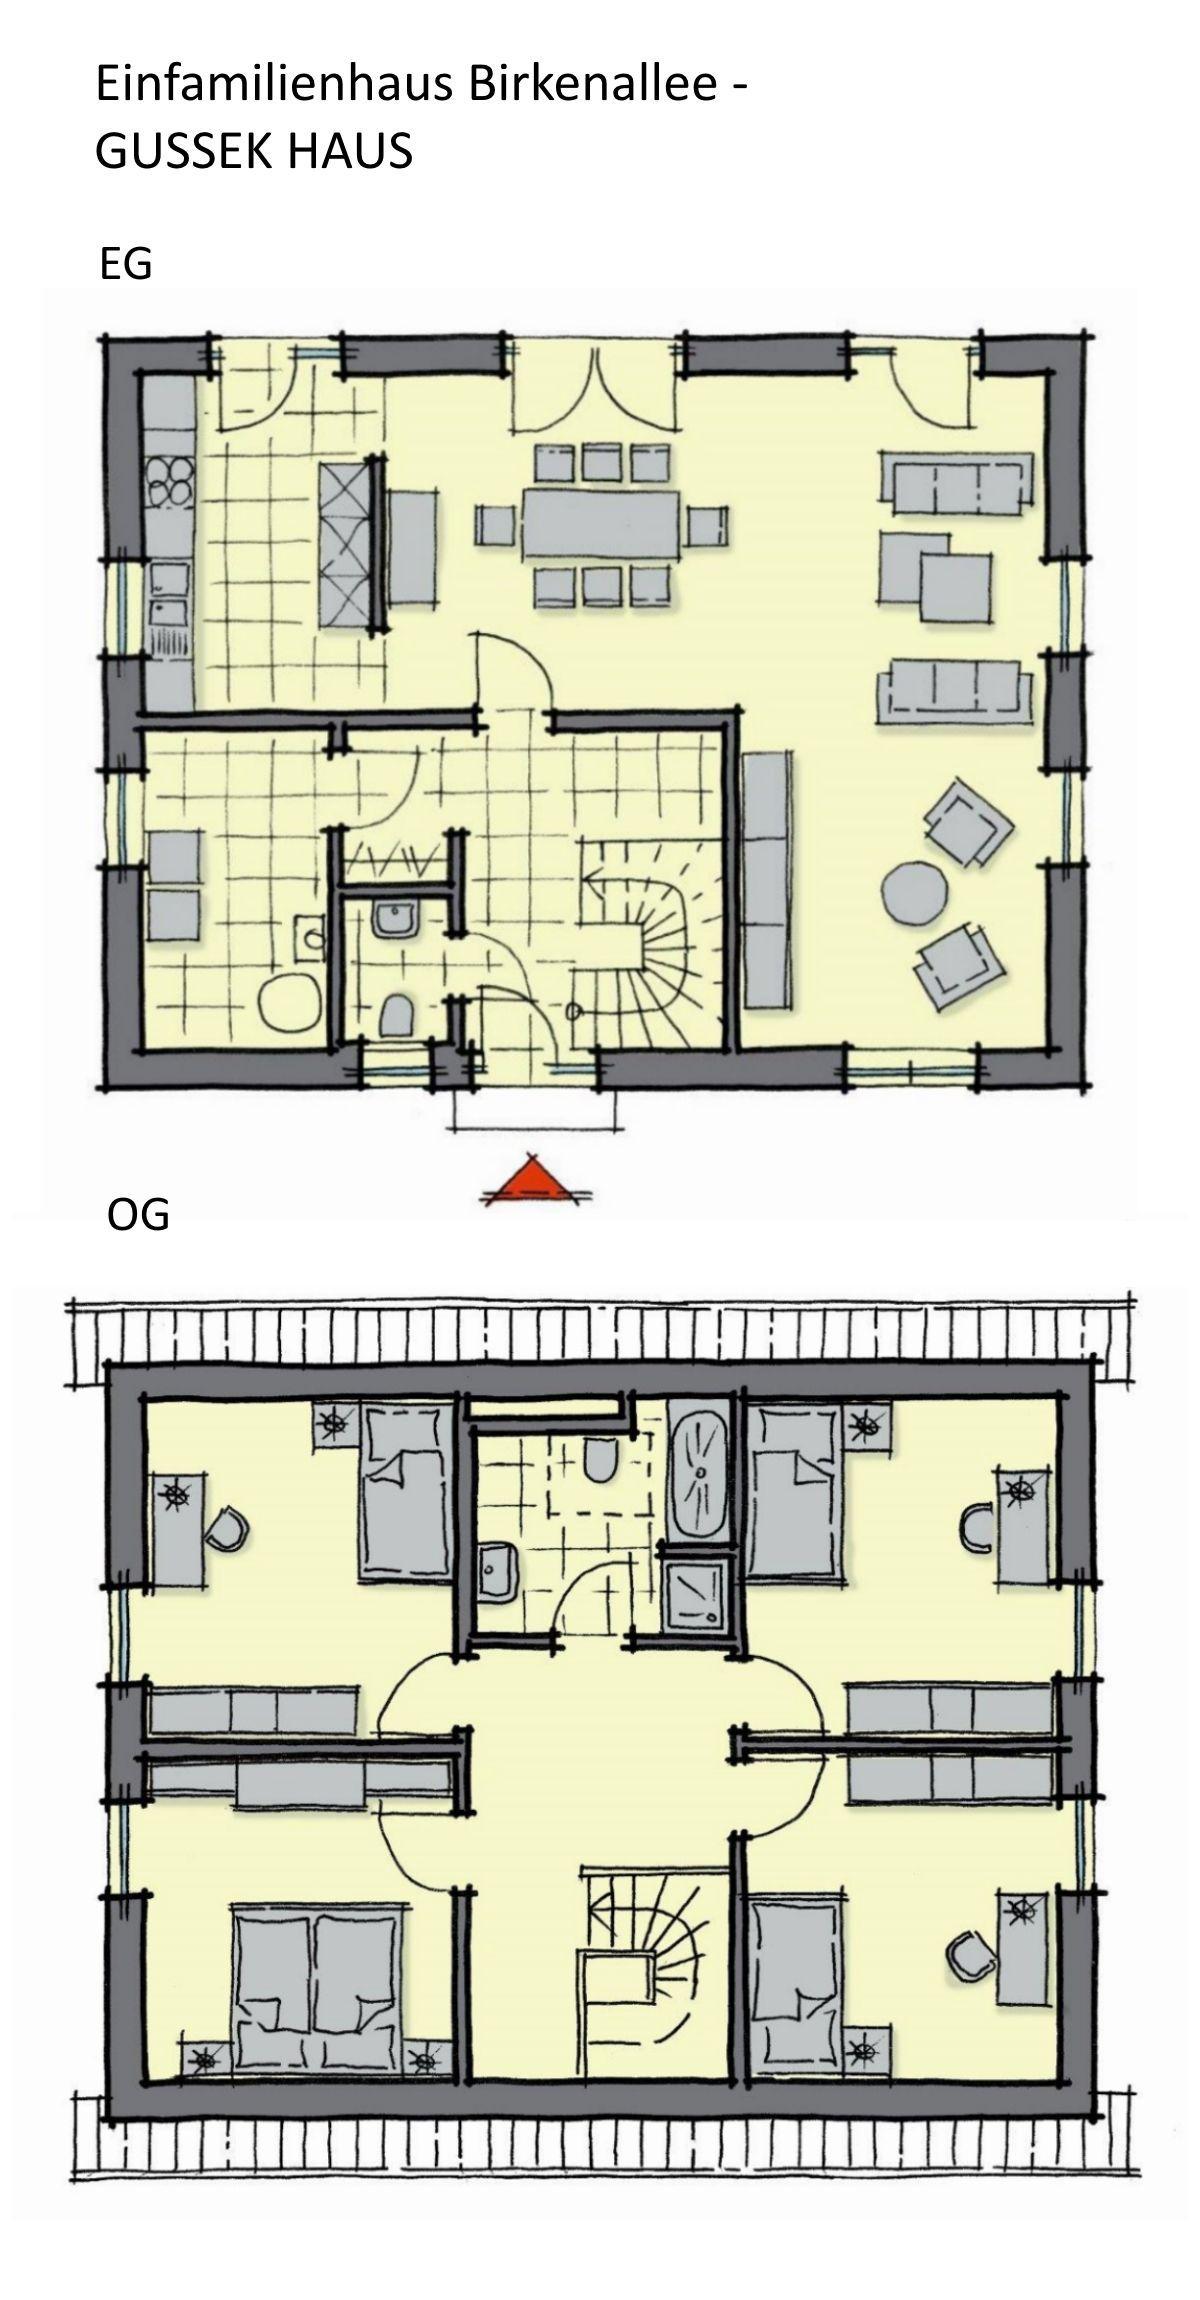 Grundriss Einfamilienhaus Rechteckig Mit Satteldach Architektur Galerie 5 Zimmer 140 Qm Erdgesch Grundriss Einfamilienhaus Einfamilienhaus Haus Grundriss